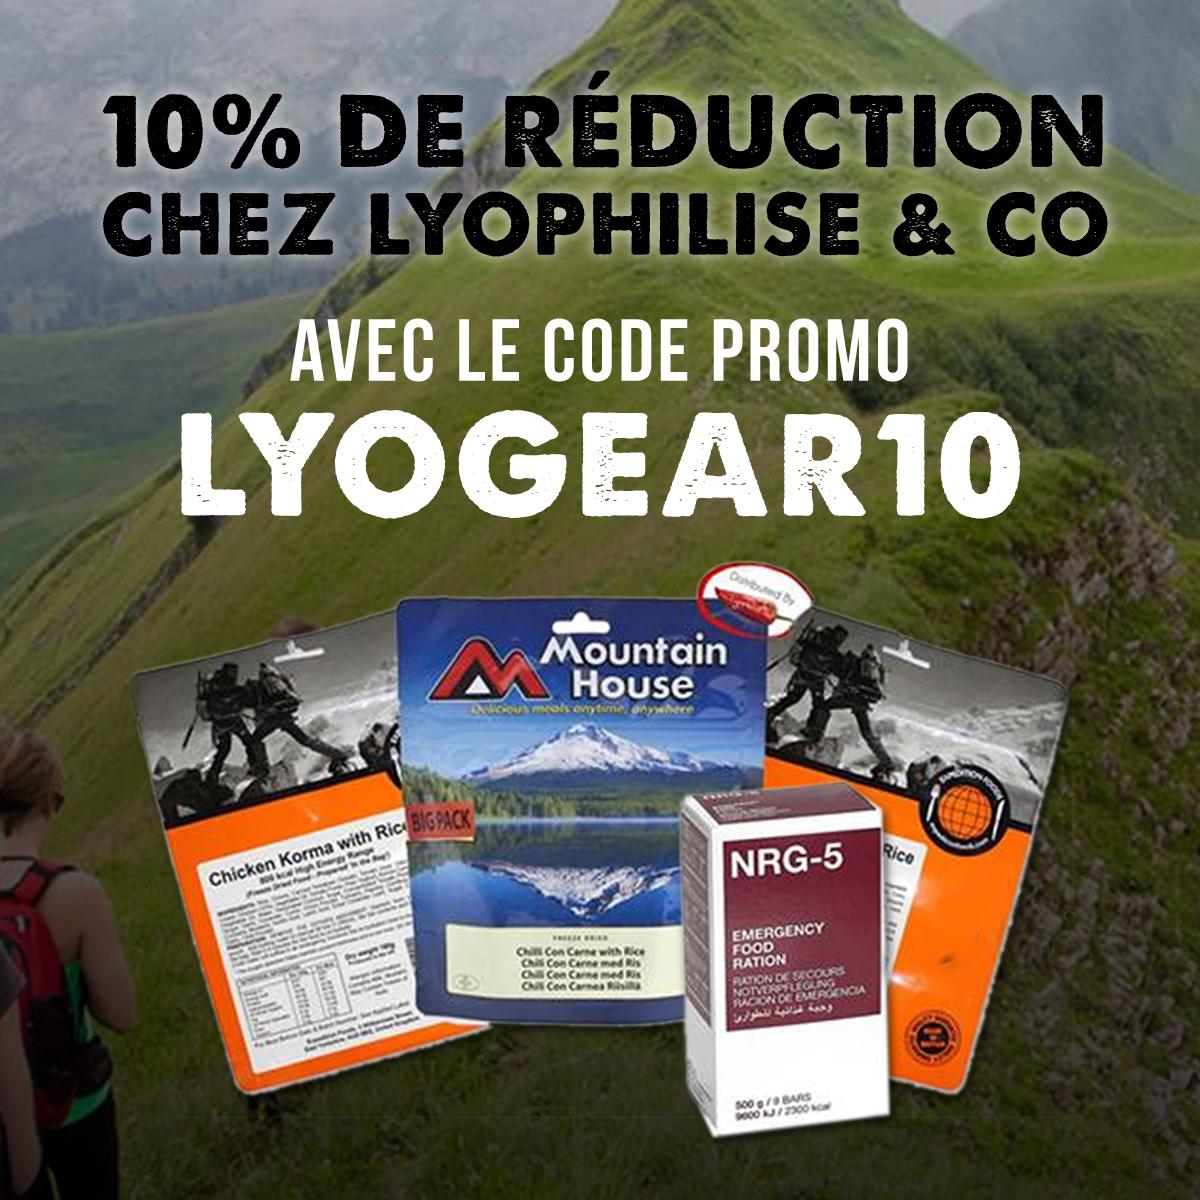 Code promo Lyophilise.fr